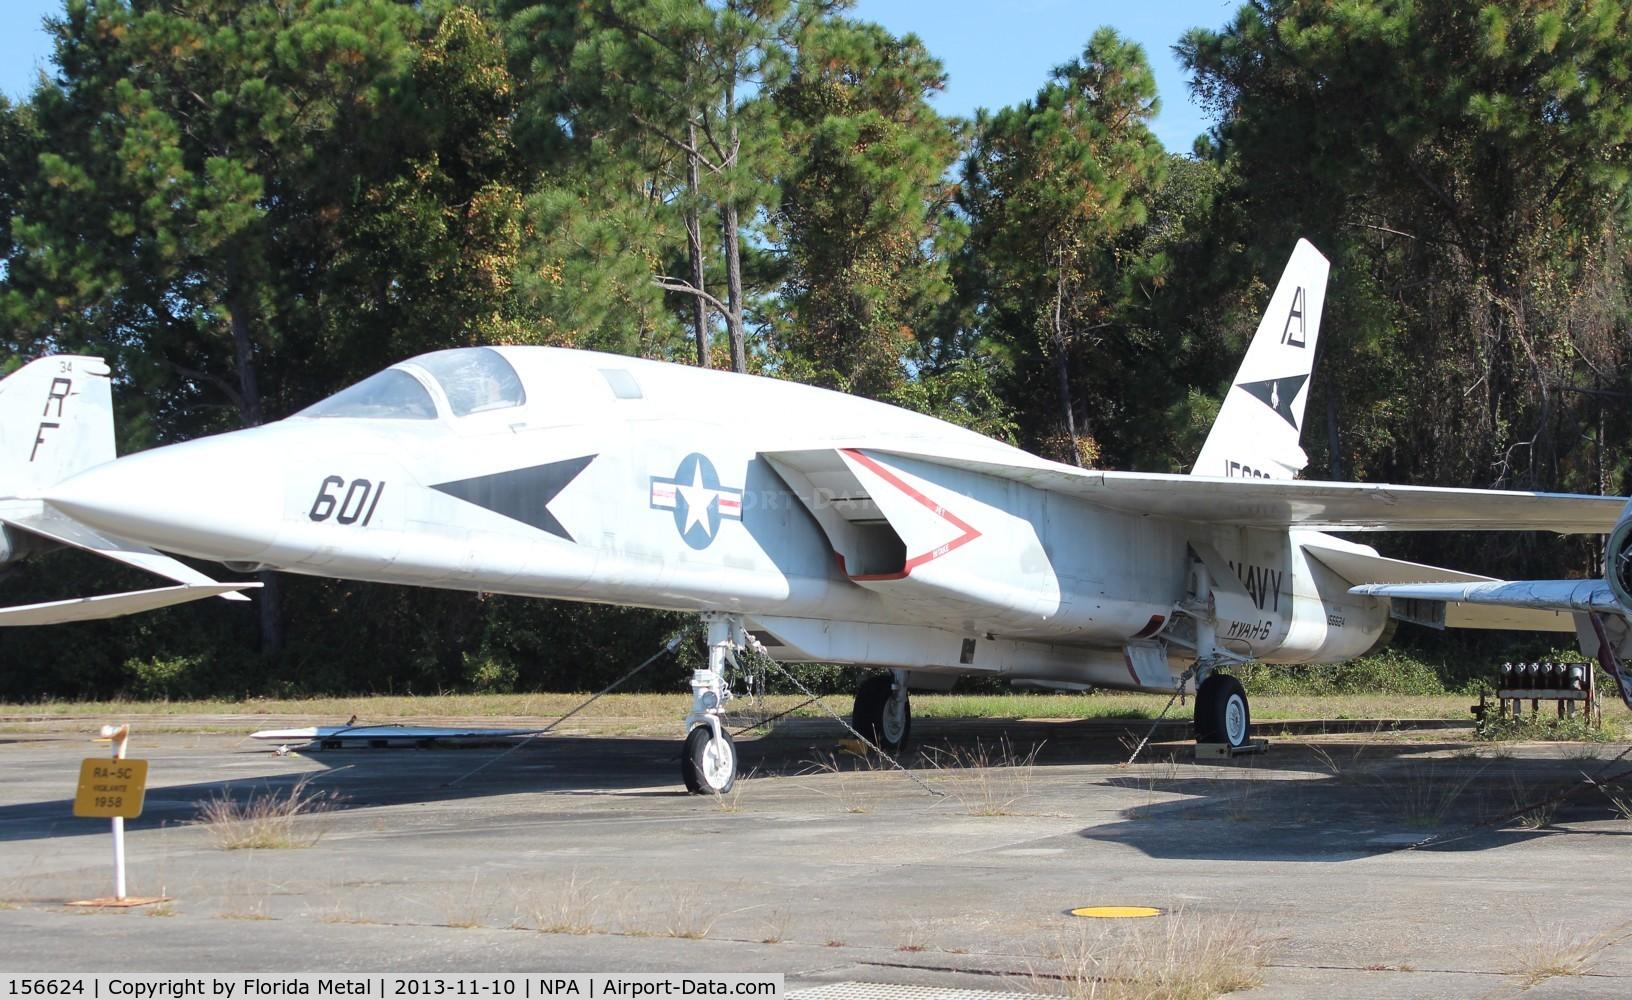 156624, 1969 North American RA-5C Vigilante C/N NR316-17, RA-5C Vigilante